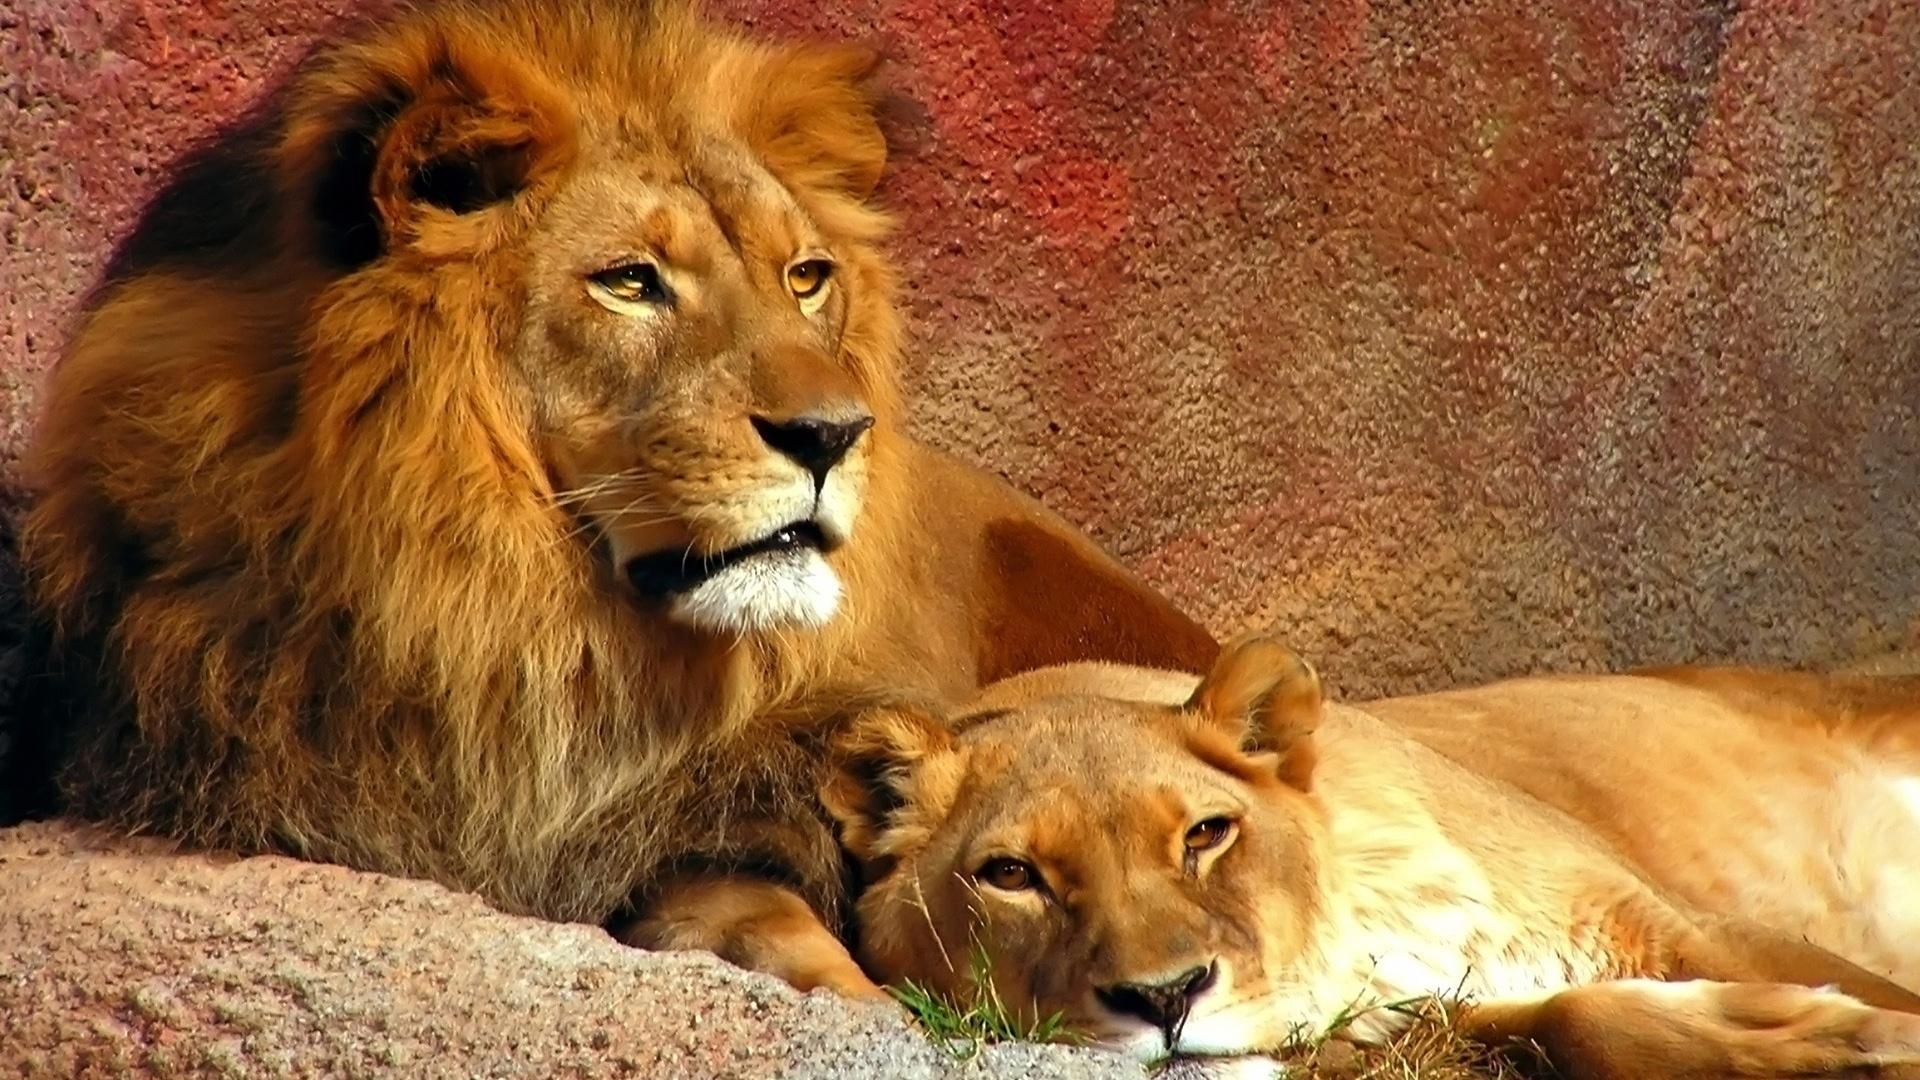 35751 descargar fondo de pantalla Animales, Leones: protectores de pantalla e imágenes gratis